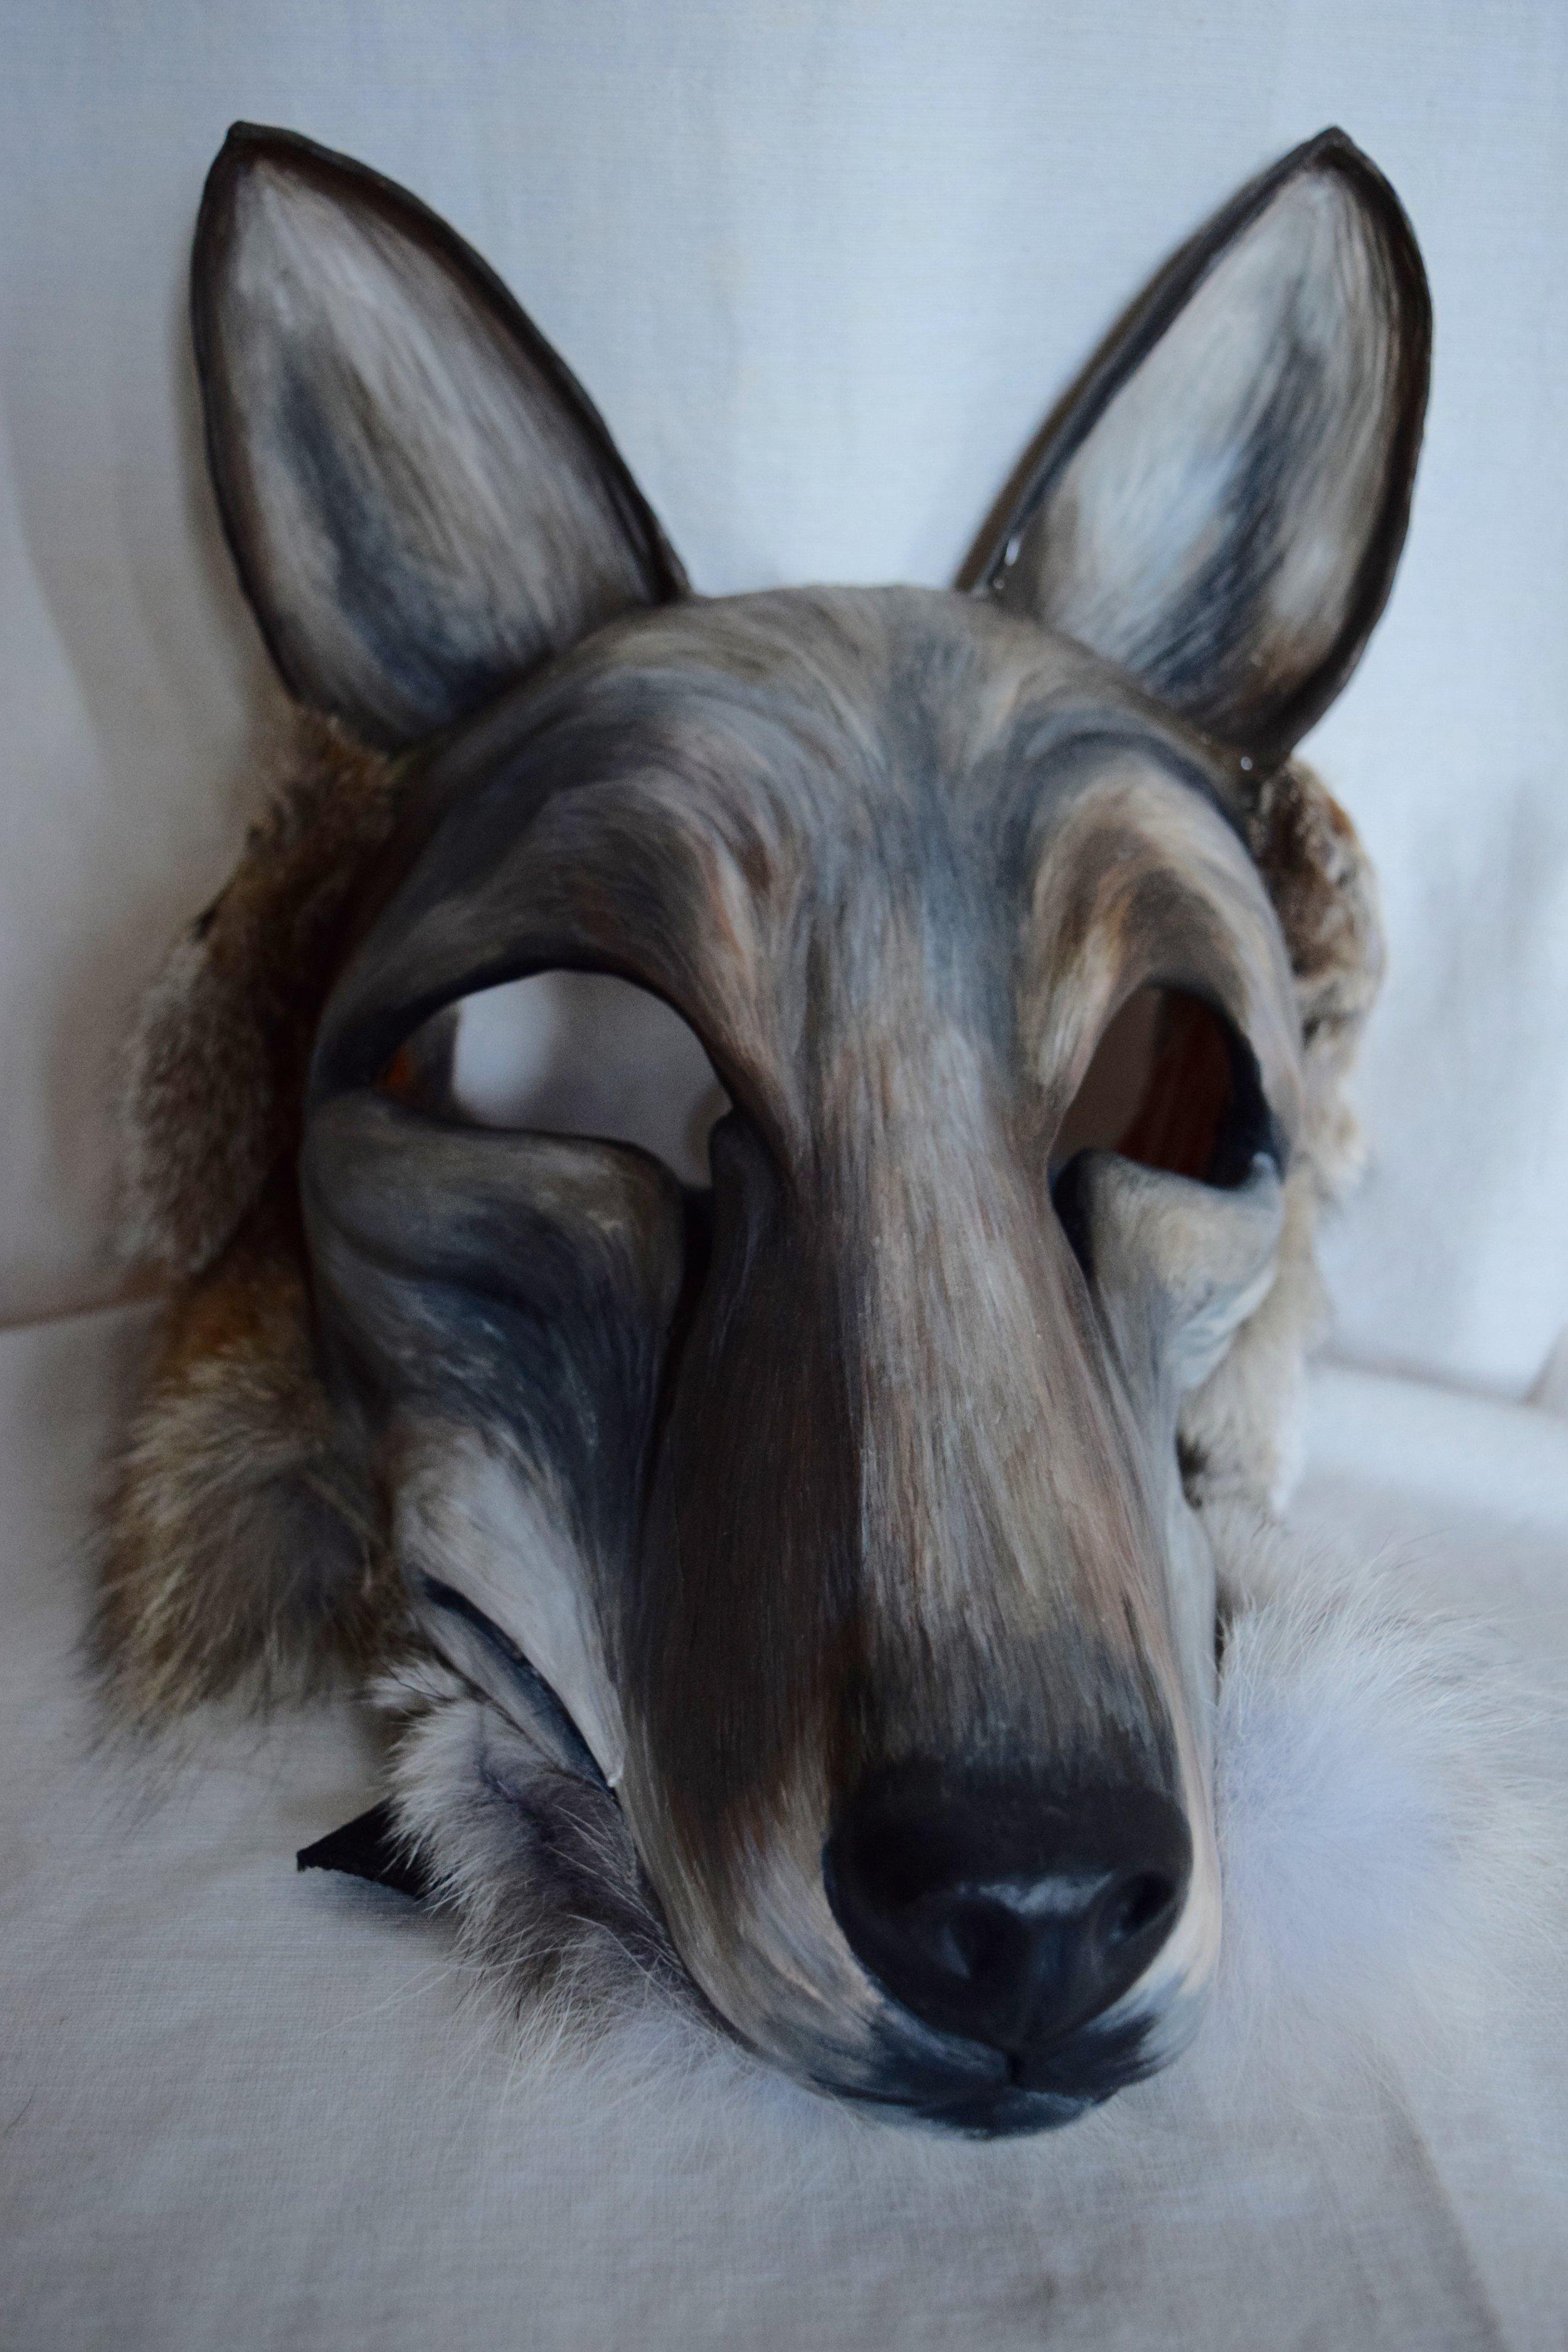 Coyote, 2015. Clay, roadkill coyote hide, acrylic